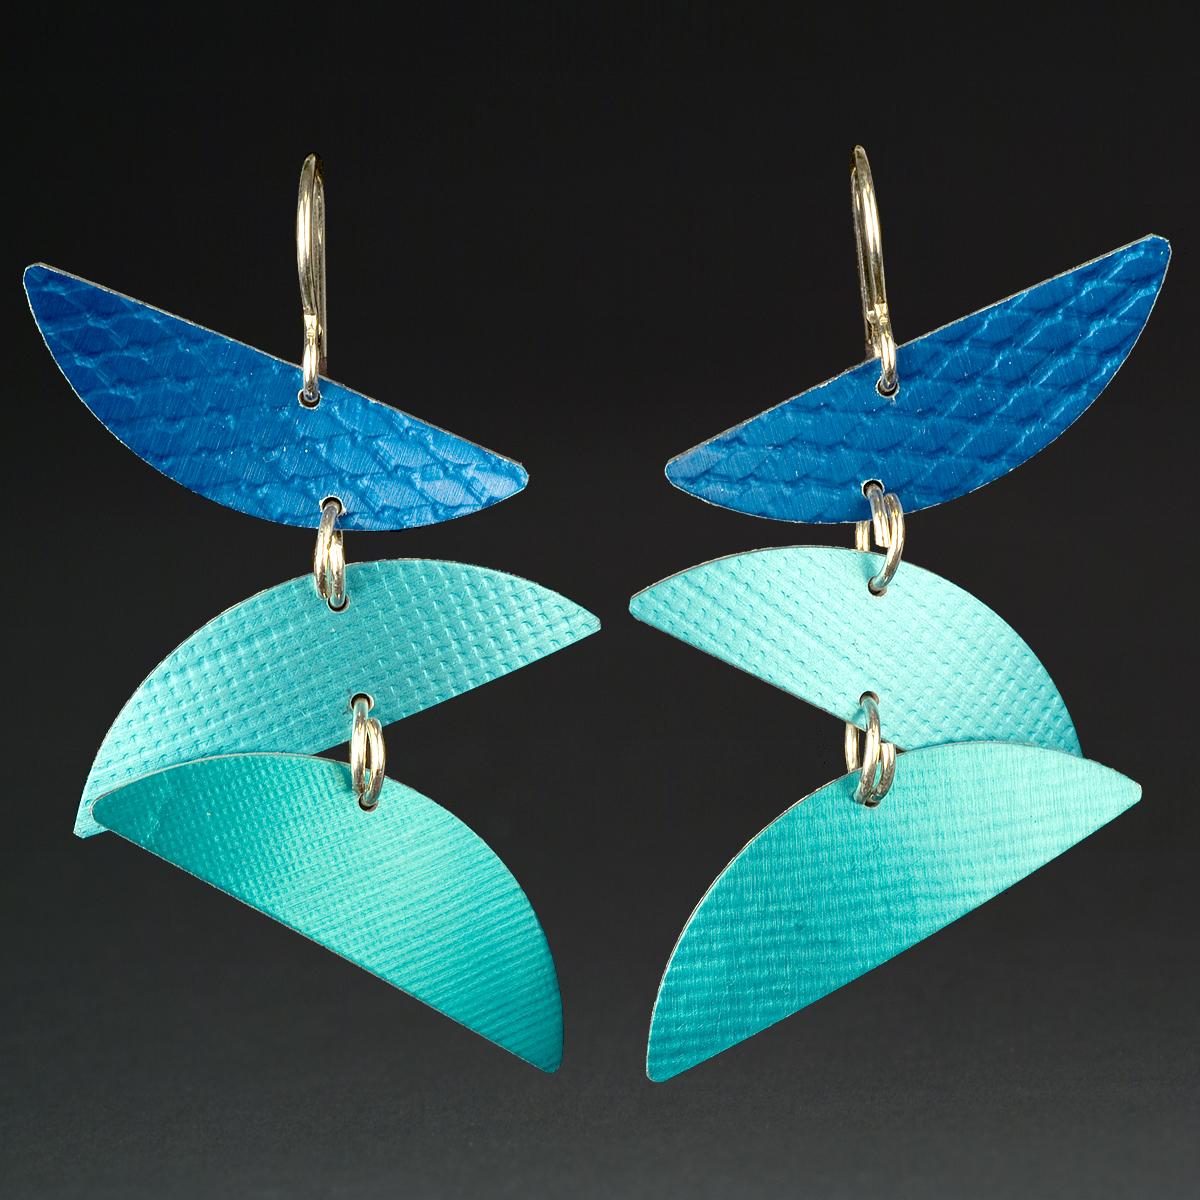 D - Royal, Aqua, Turquoise